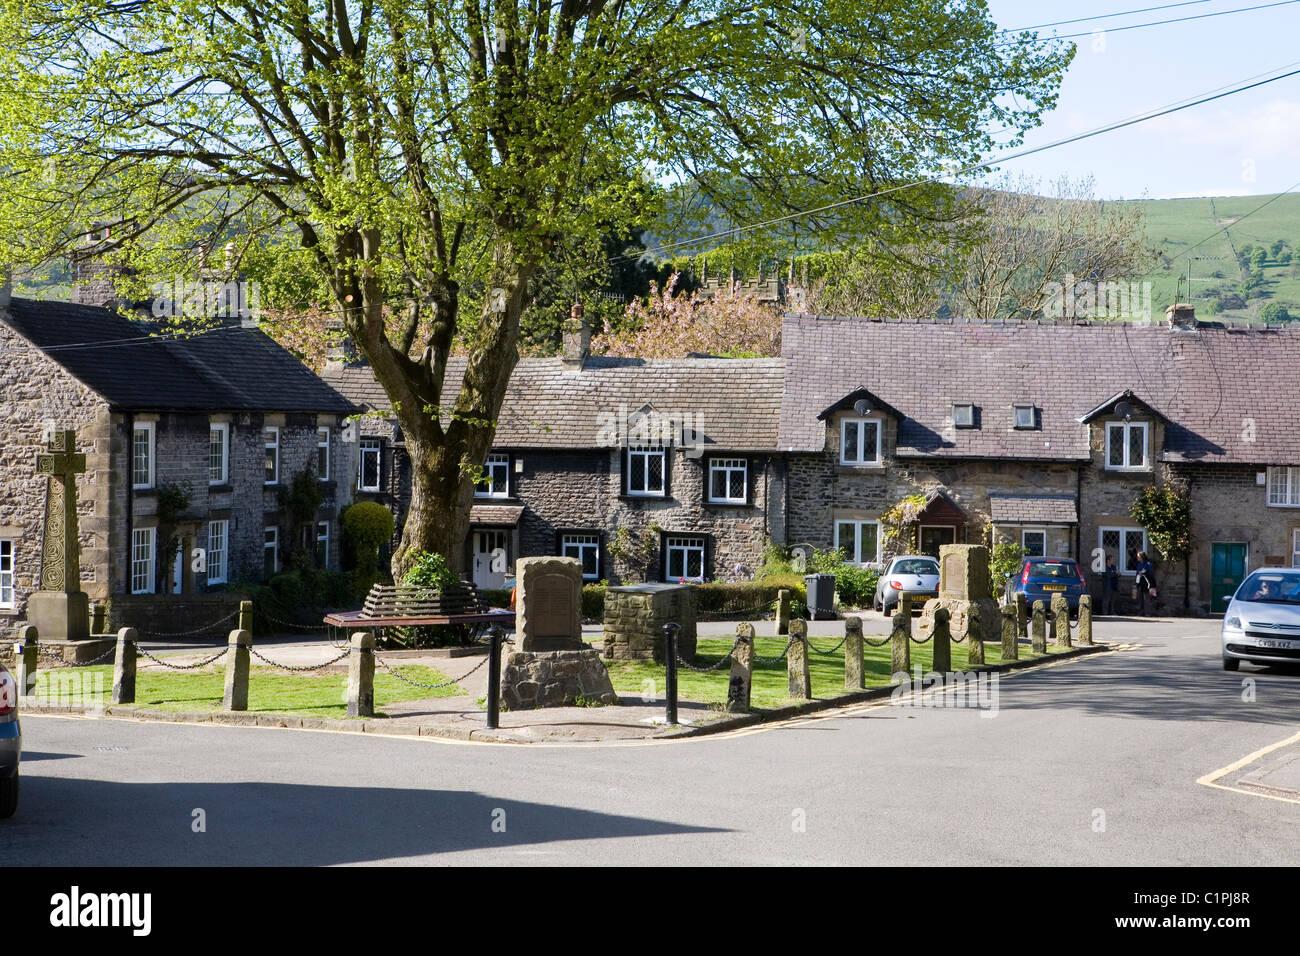 L'Angleterre, Derbyshire, Castleton, maisons donnant sur la place du marché dans le village Photo Stock